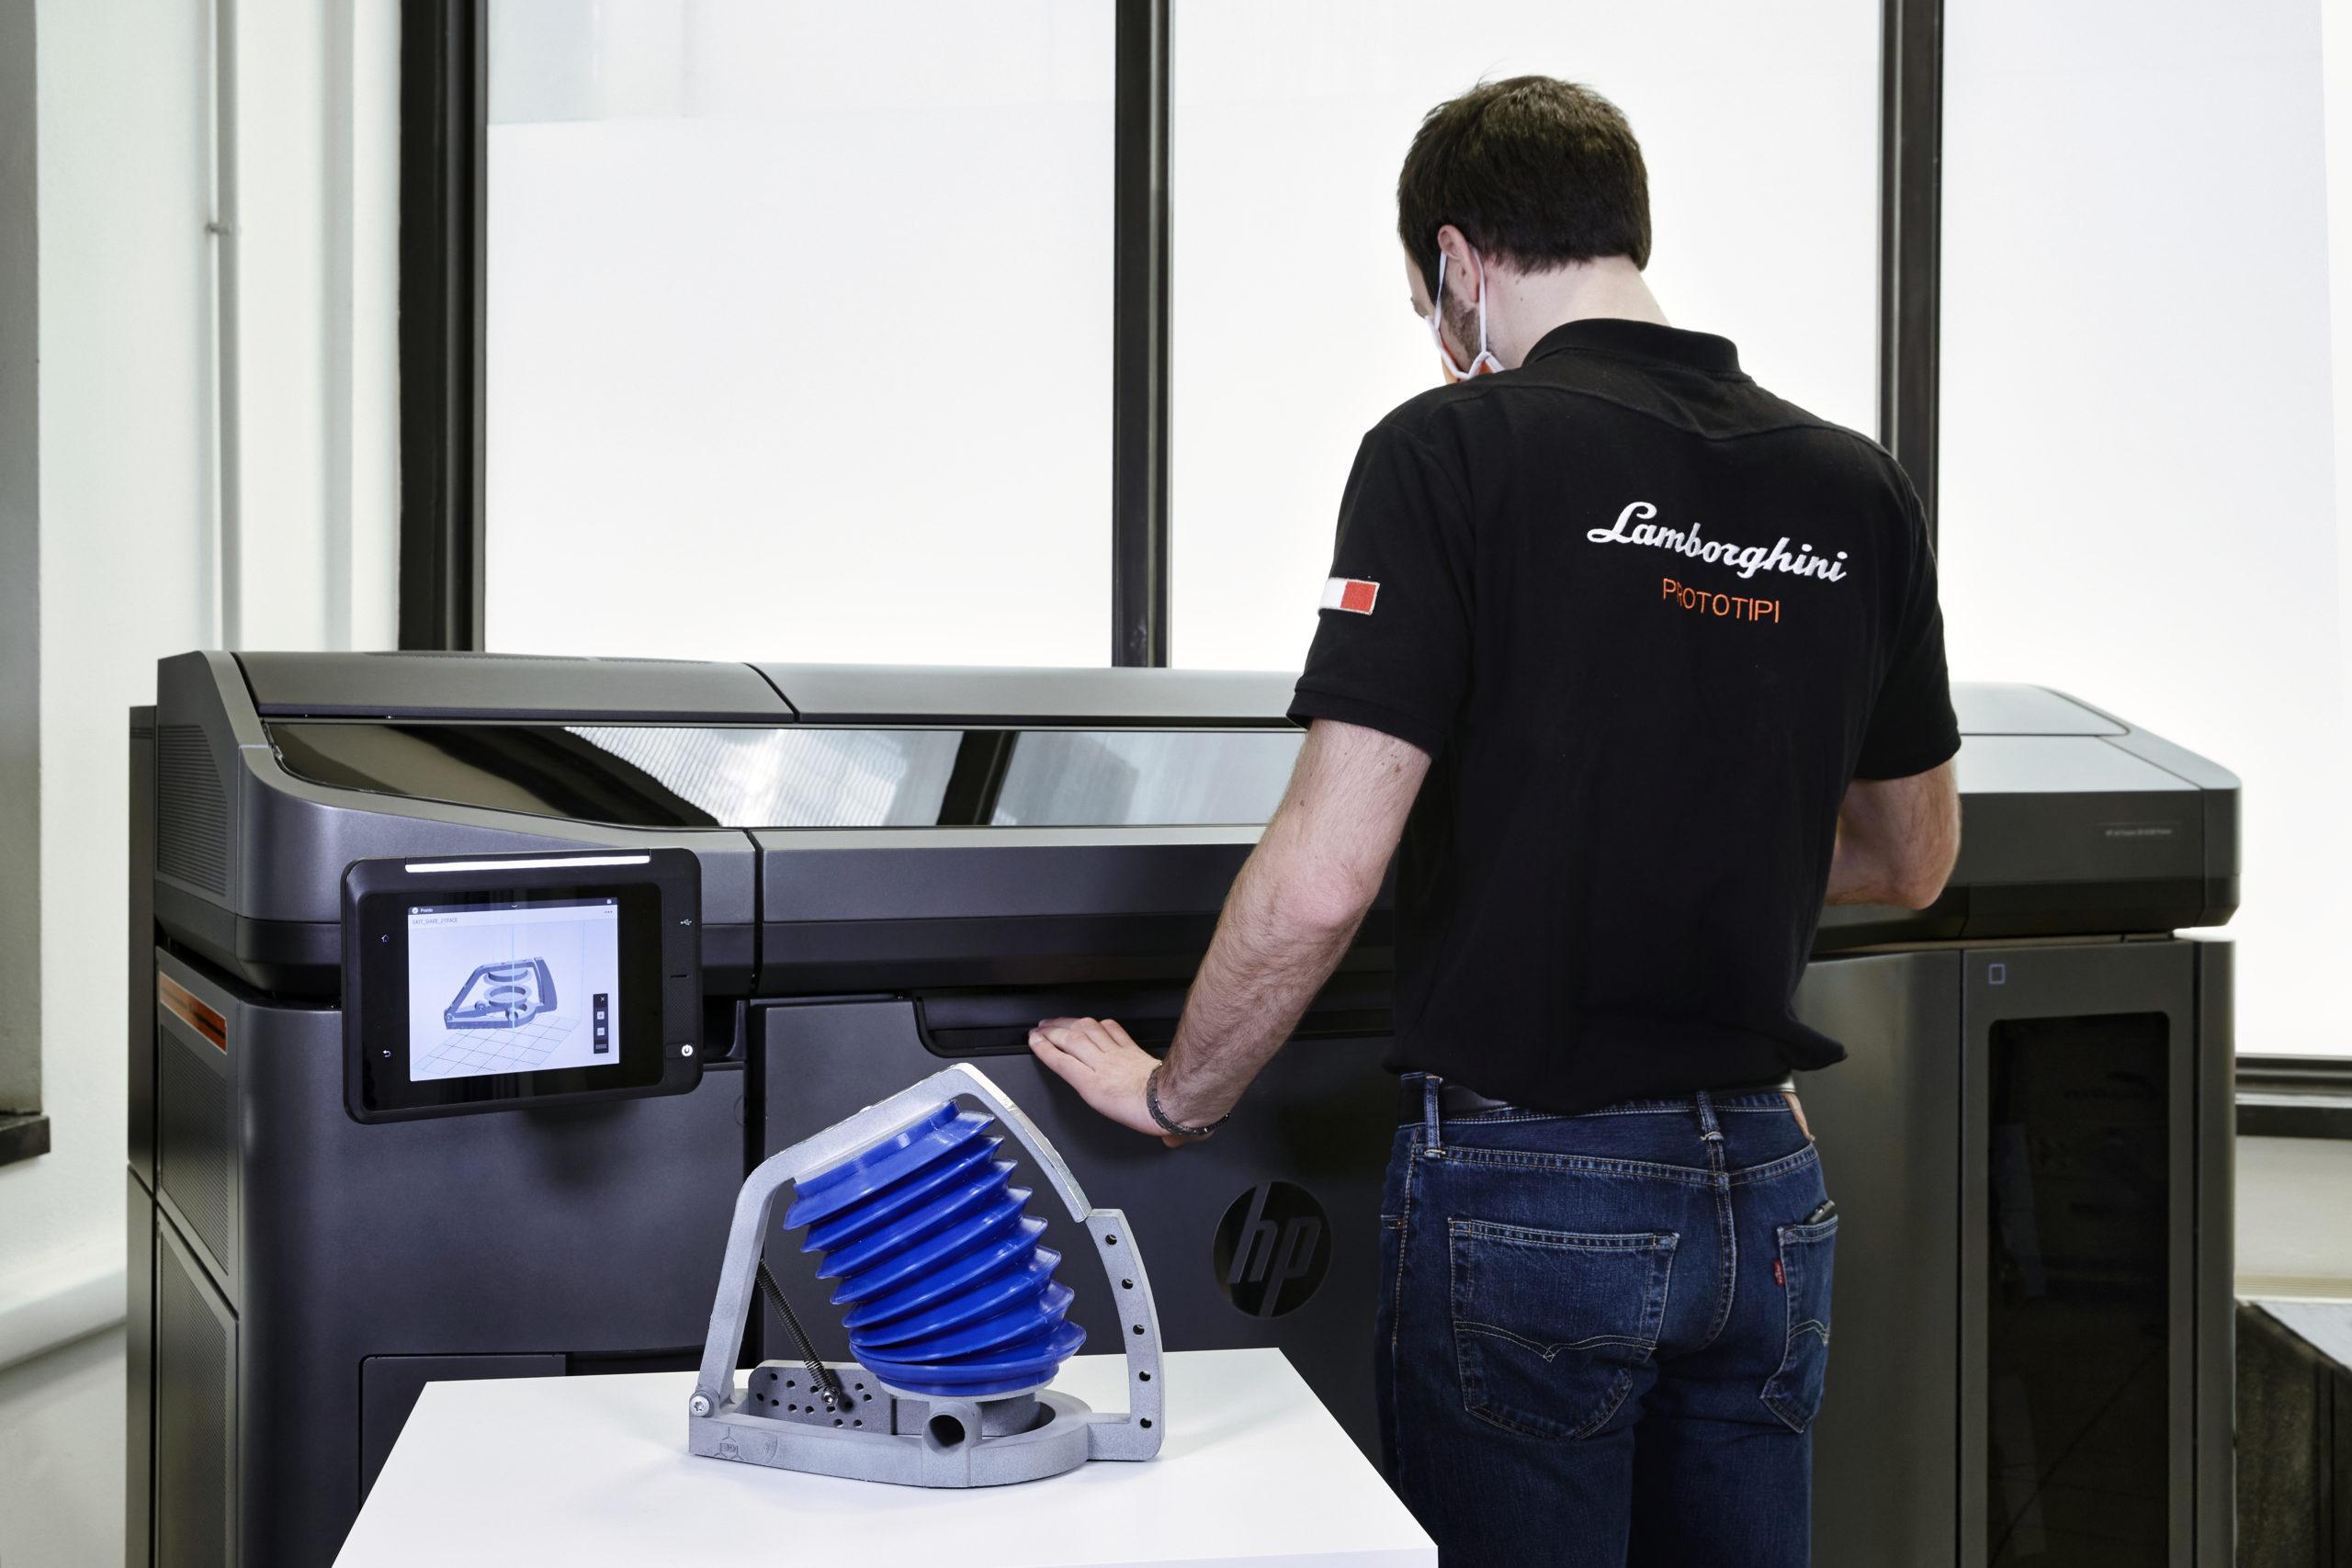 Lamborghini supporta Siare nella realizzazione di simulatori polmonari.